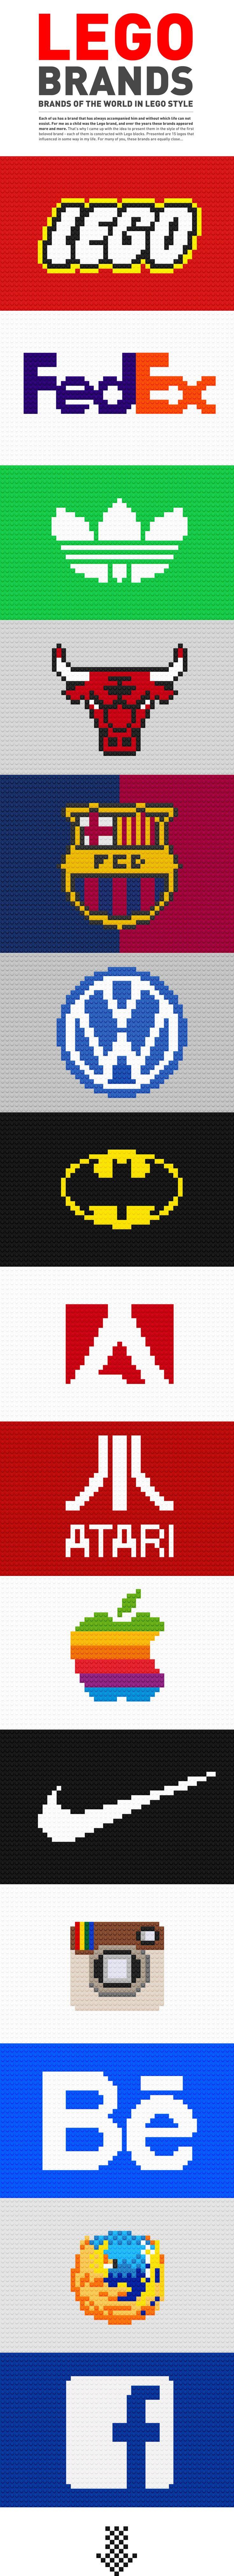 Les logos de grandes marques version LEGO